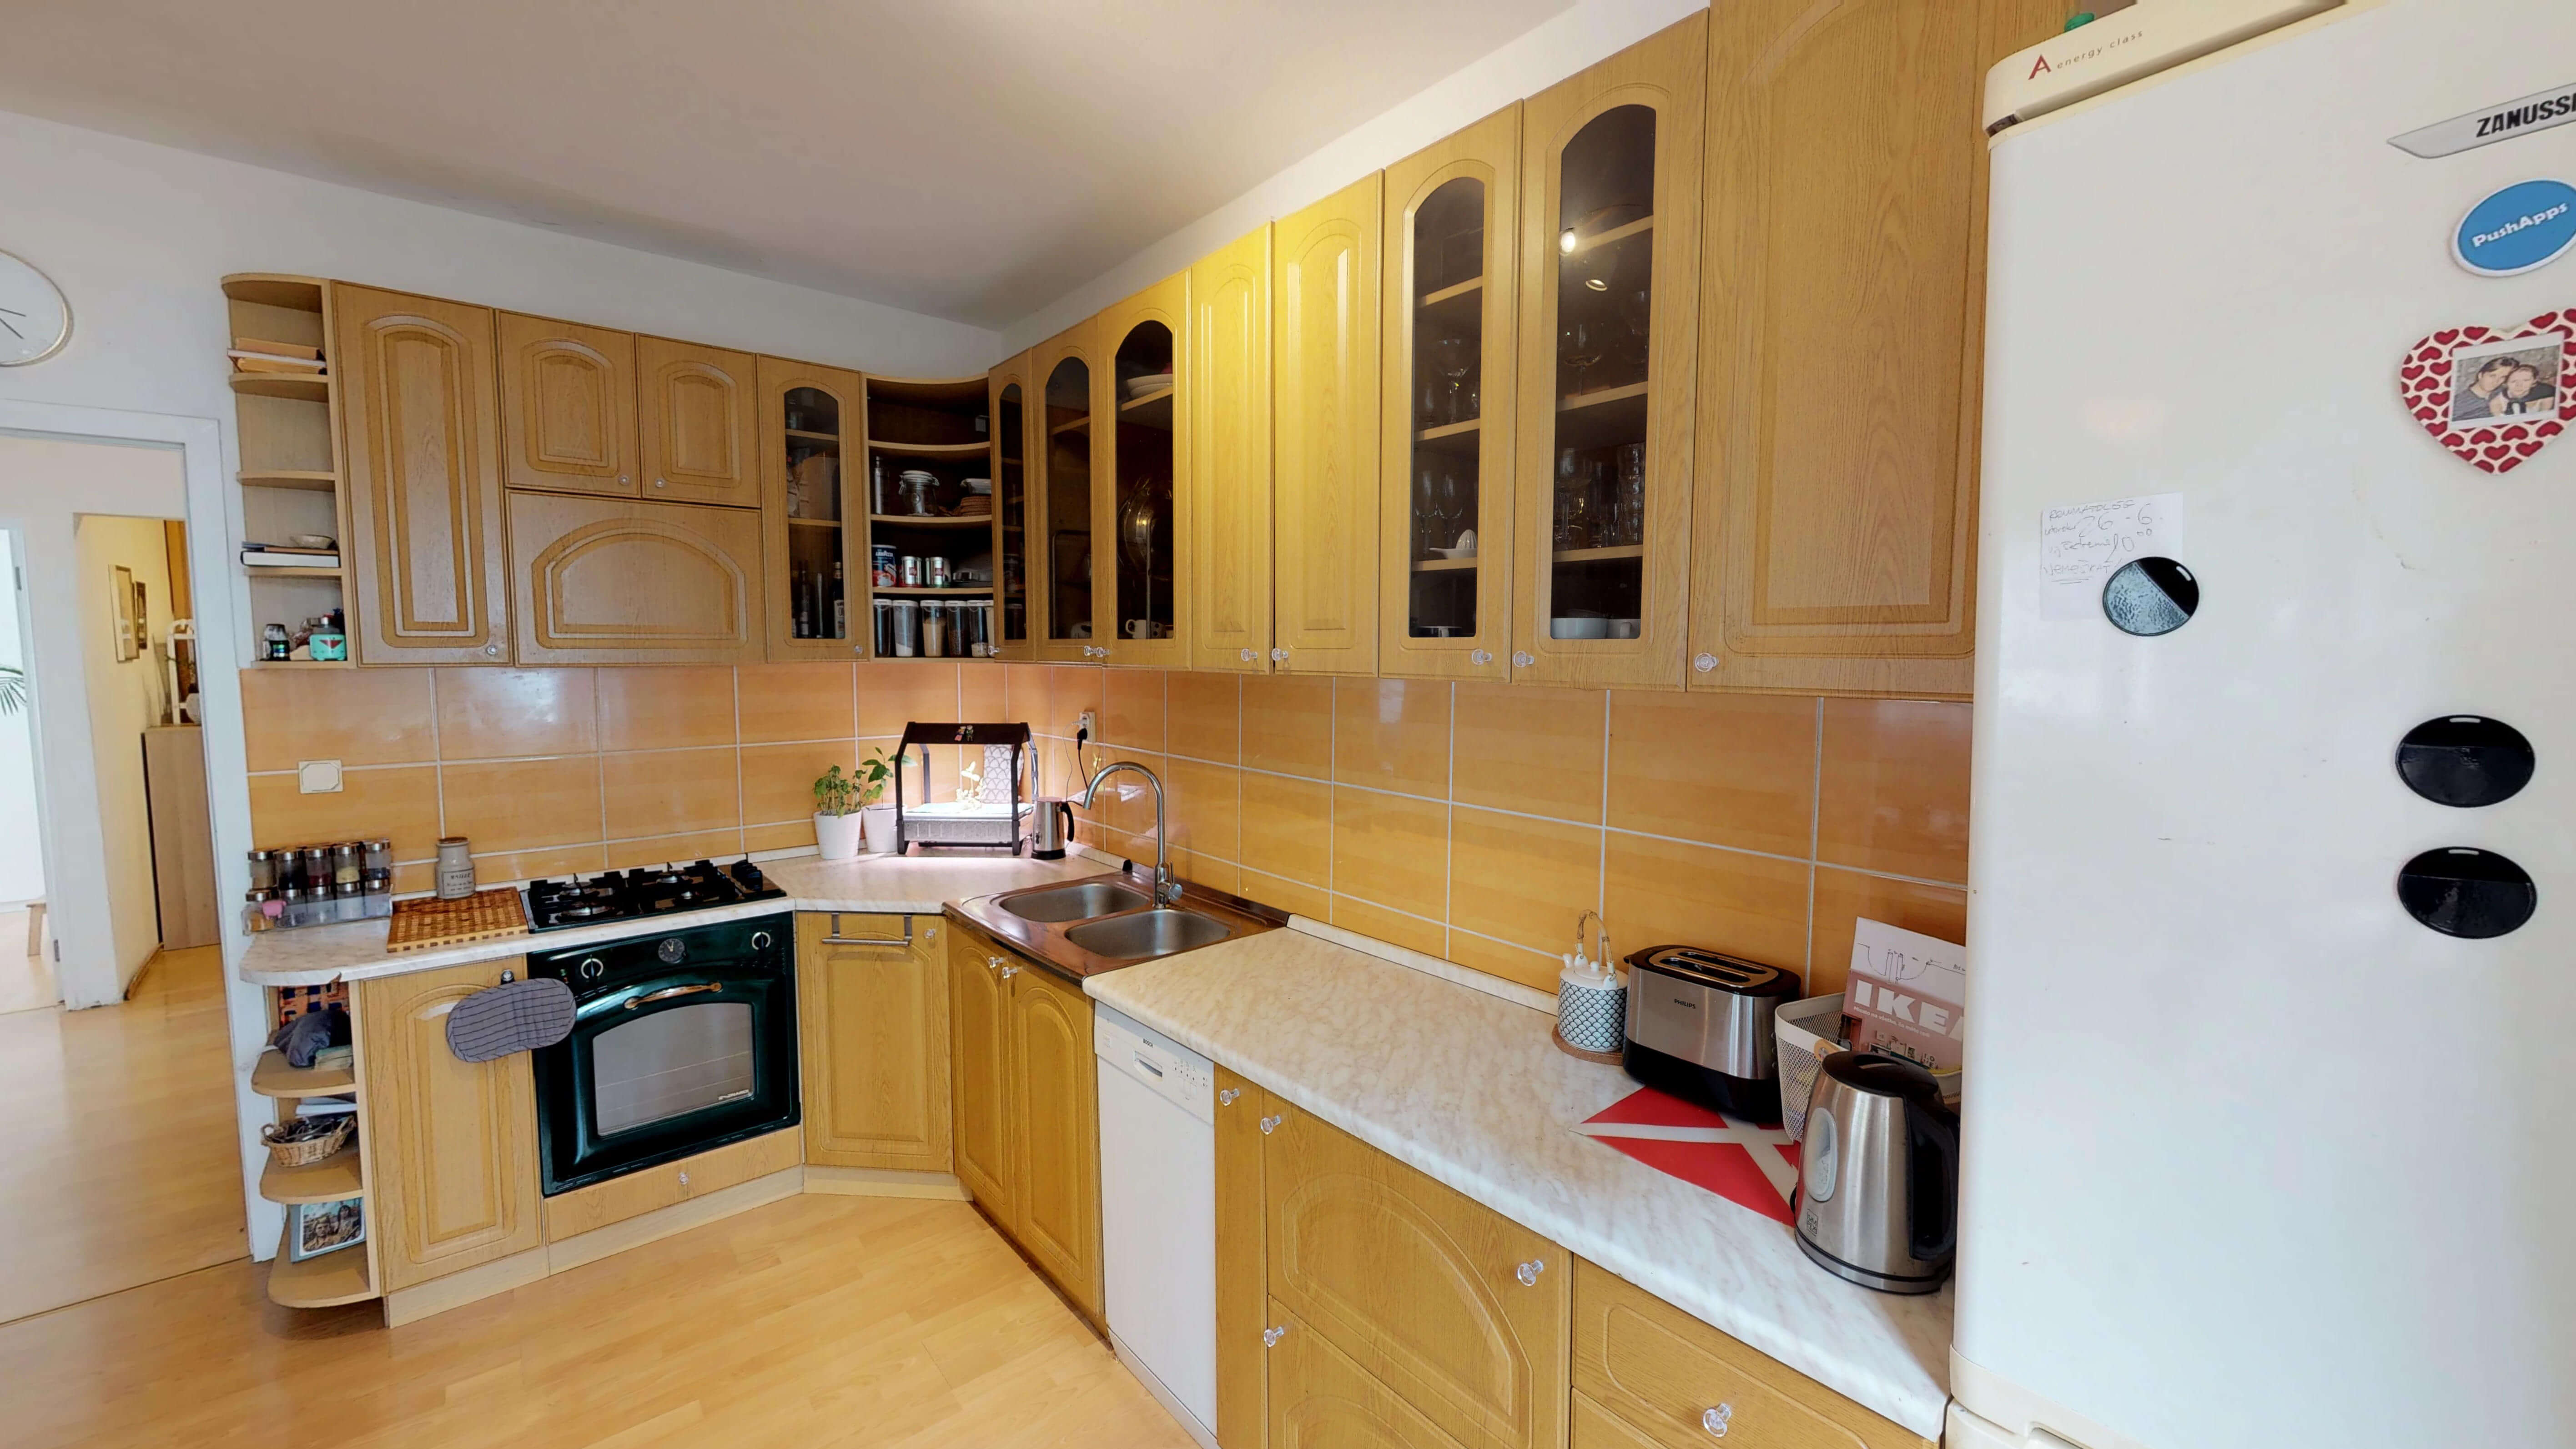 Predané Predaj exkluzívneho 3 izb. bytu,v Ružinove, ulica Palkovičová, blízko Trhoviska Miletičky v Bratislave, 68m2, kompletne zariadený-2